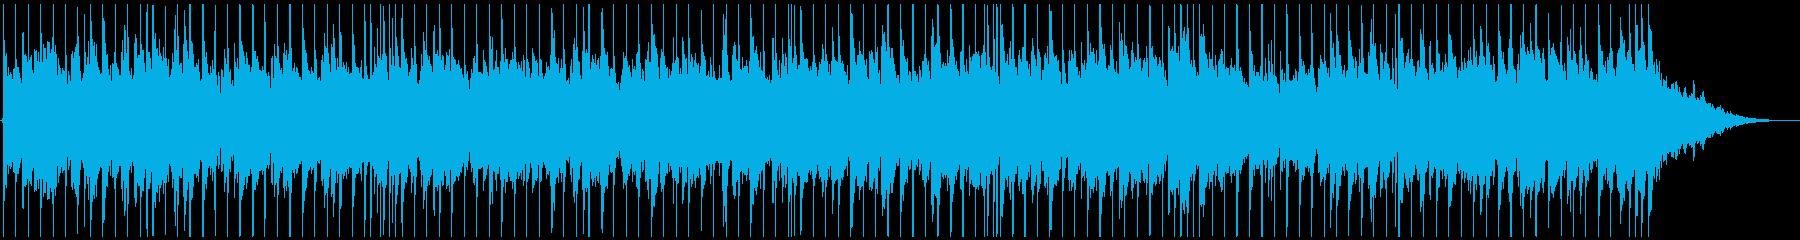 教会から聞こえてきそうなスローなBGMの再生済みの波形